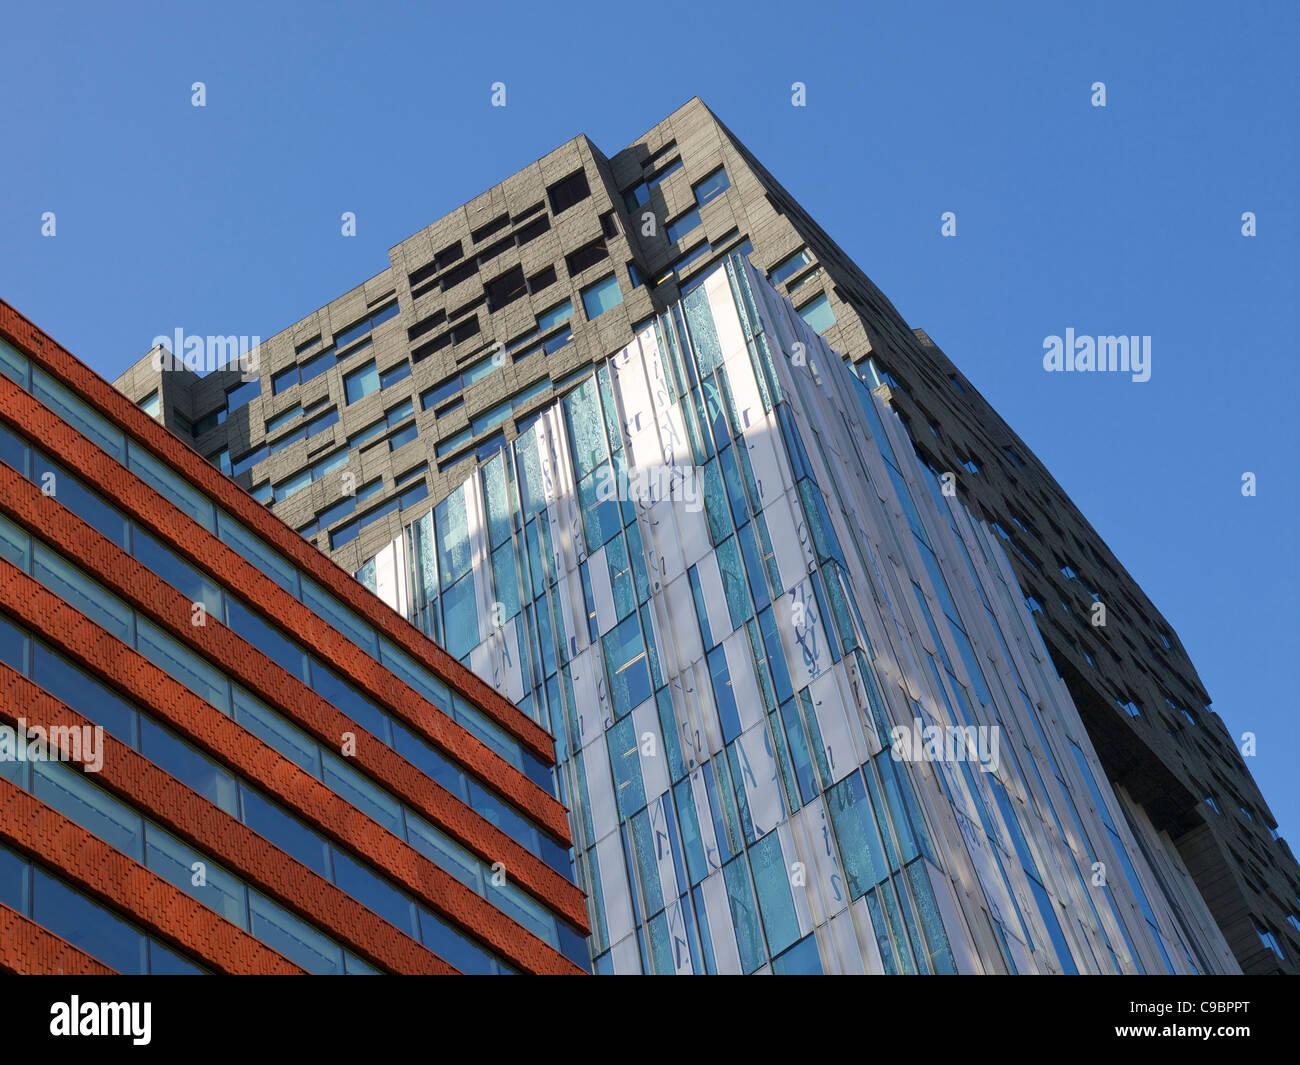 Zeitgenössische Architektur auf der Zuidas finanziellen Bezirk von Amsterdam, Niederlande Stockbild